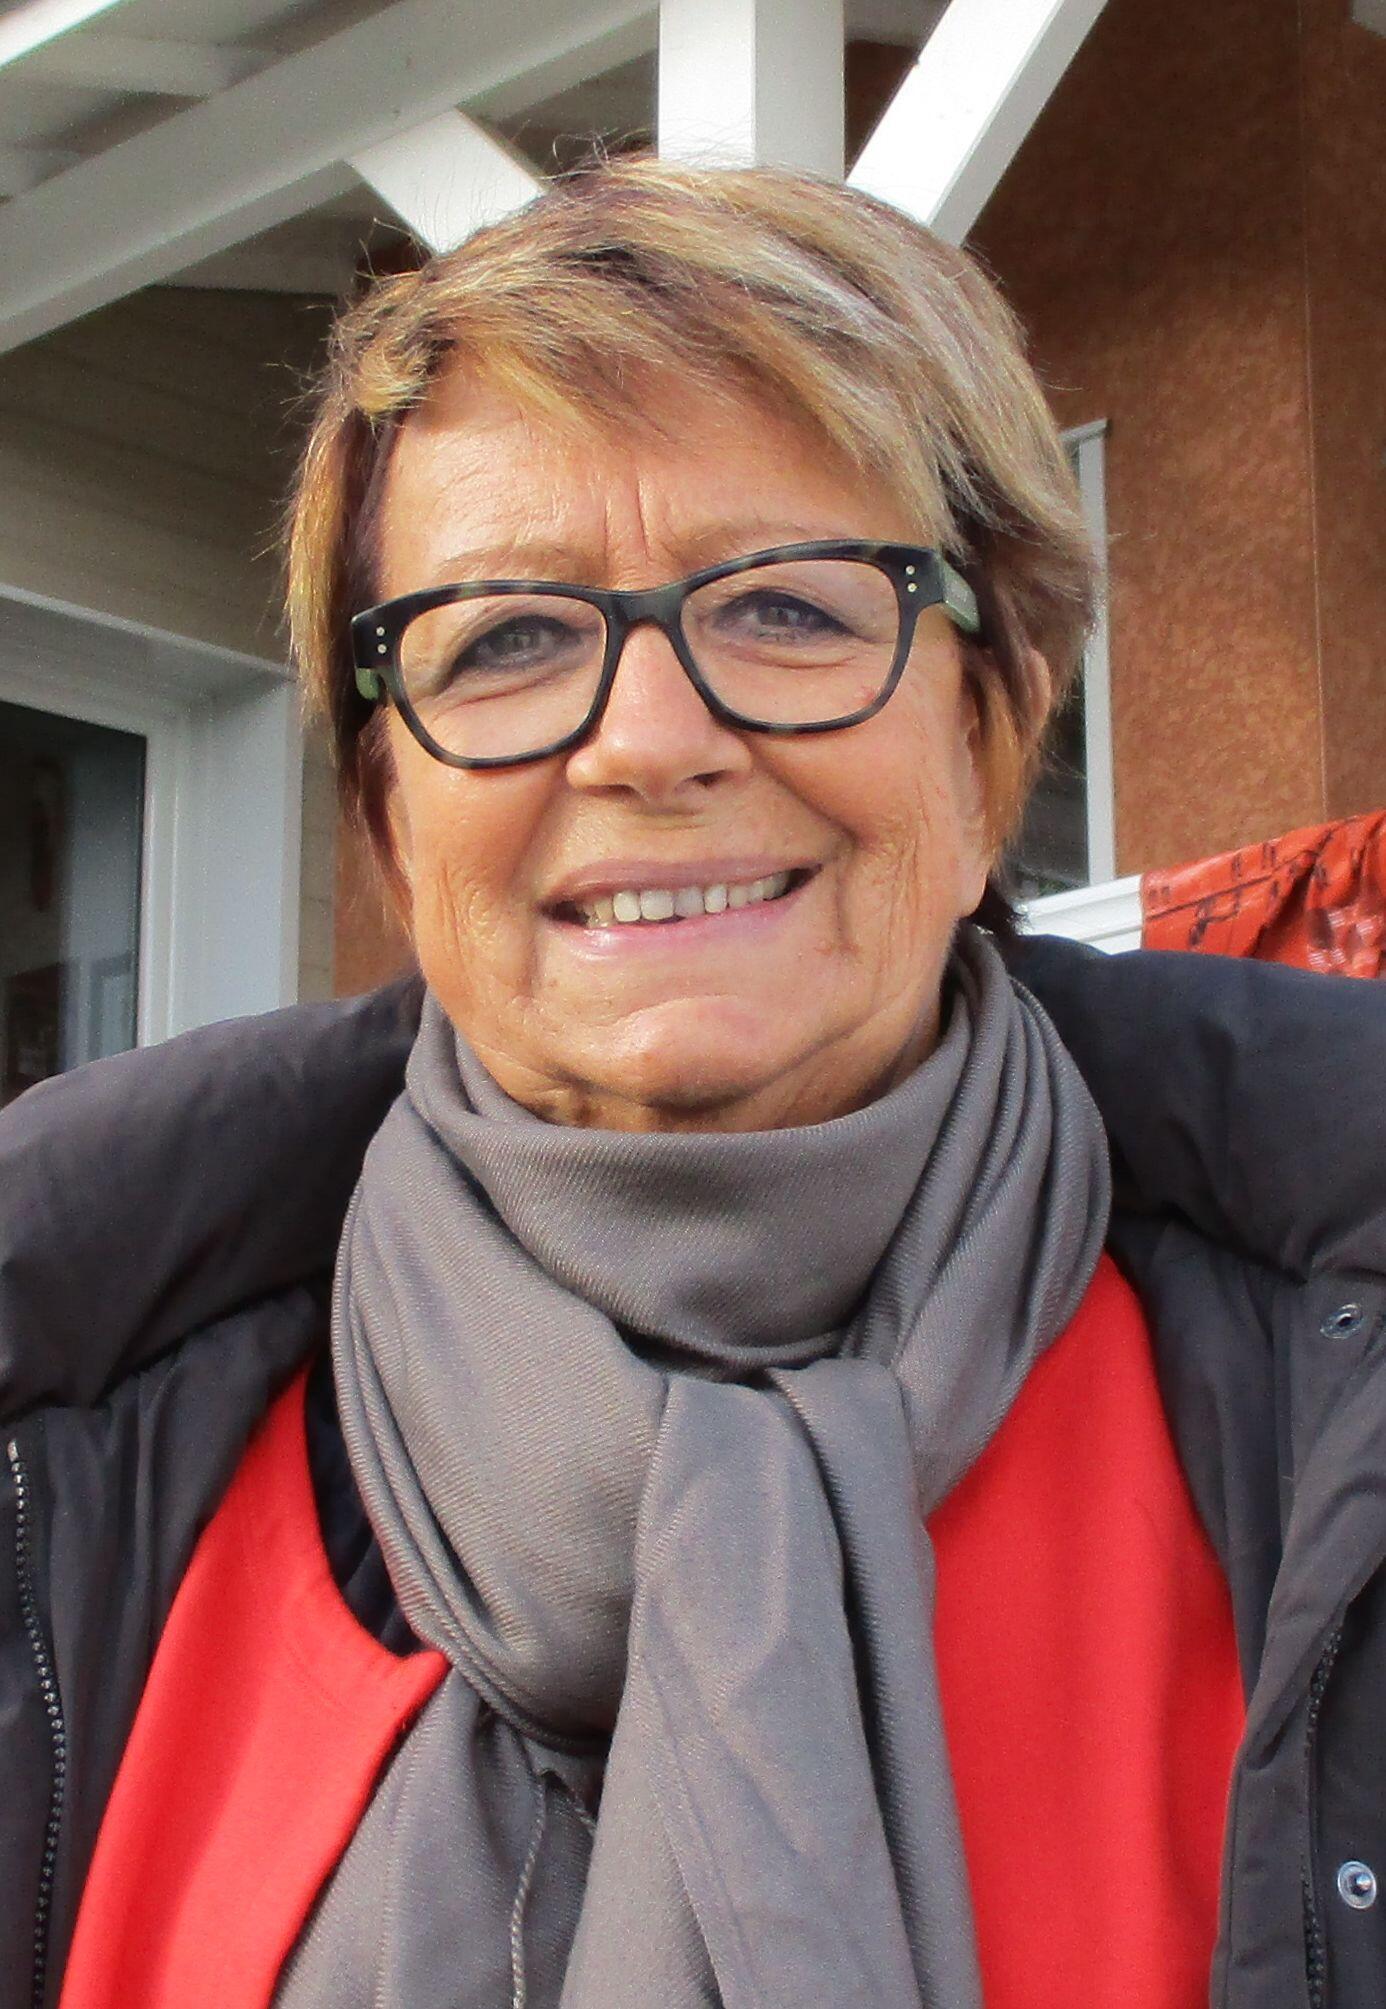 Patricia Rolanda, do comitê de campanha de Emmanuel Macron